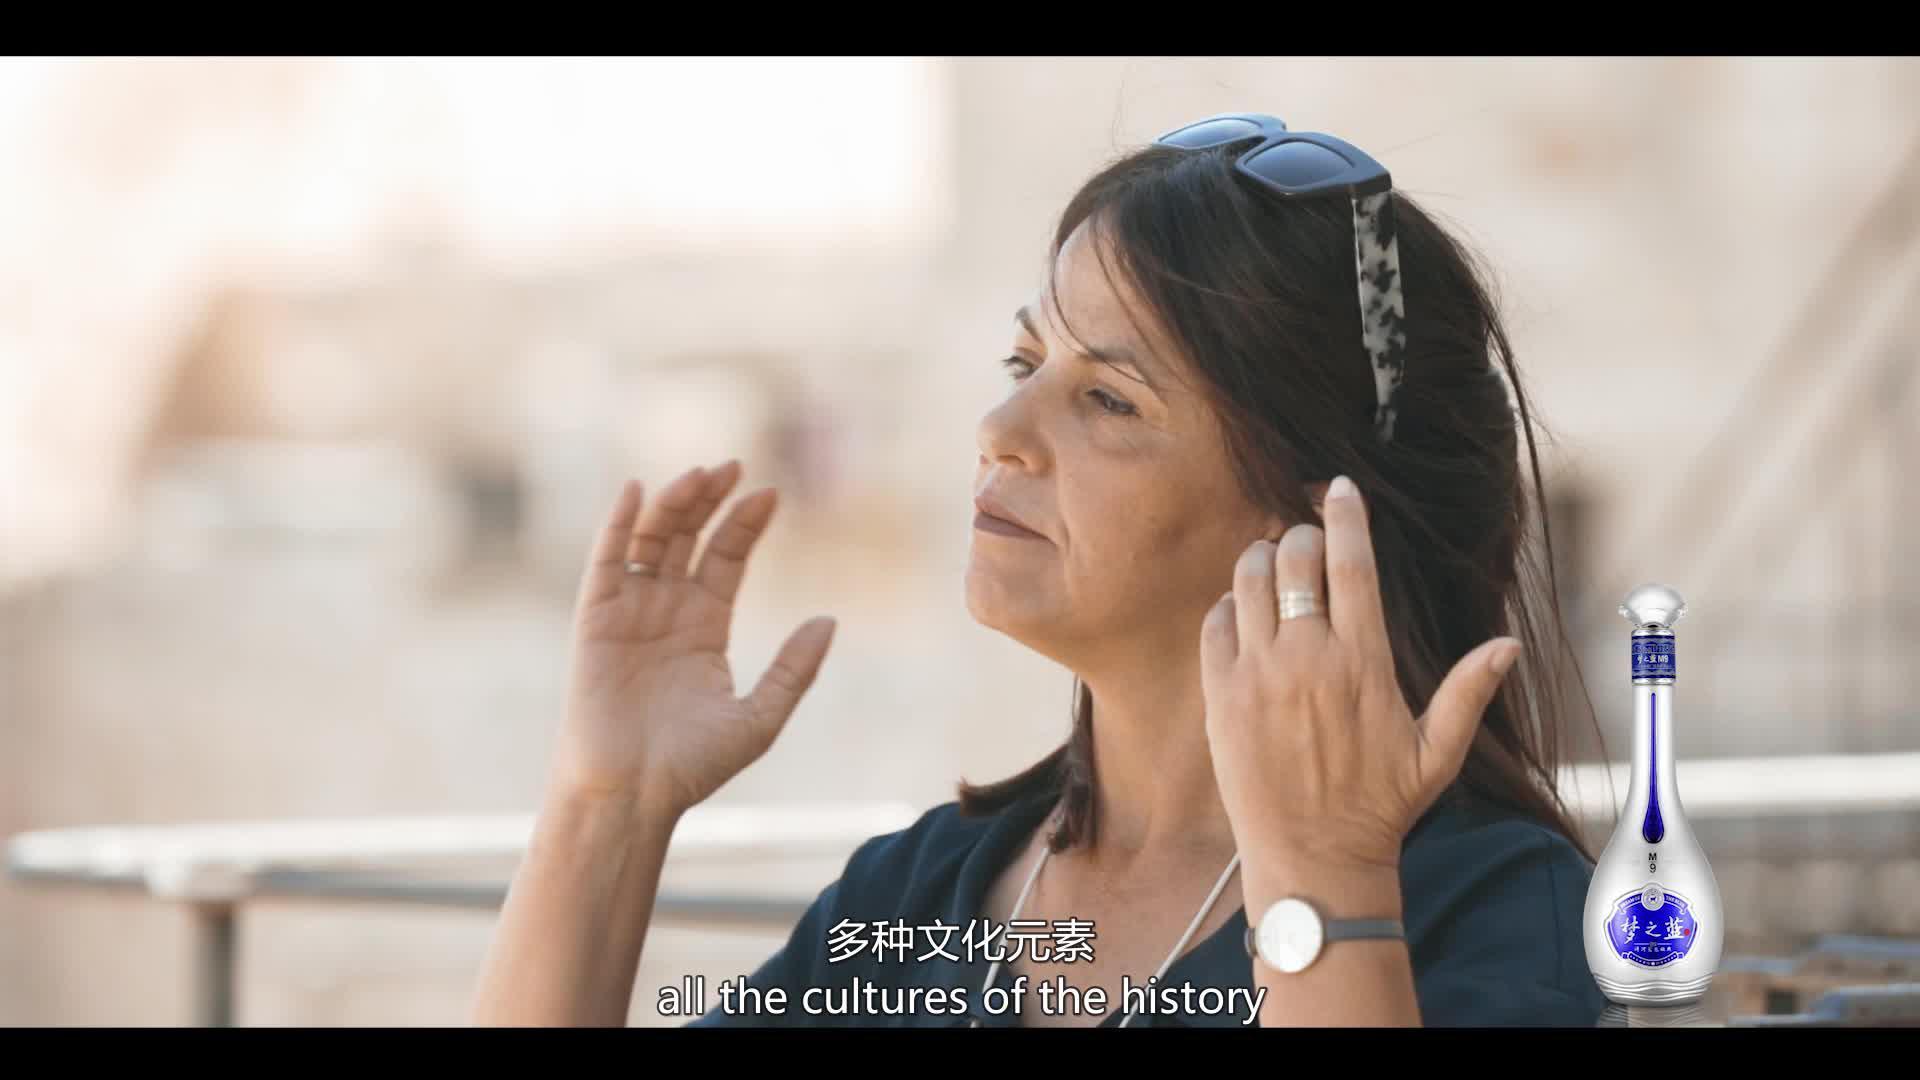 文明对话耶路撒冷精简版